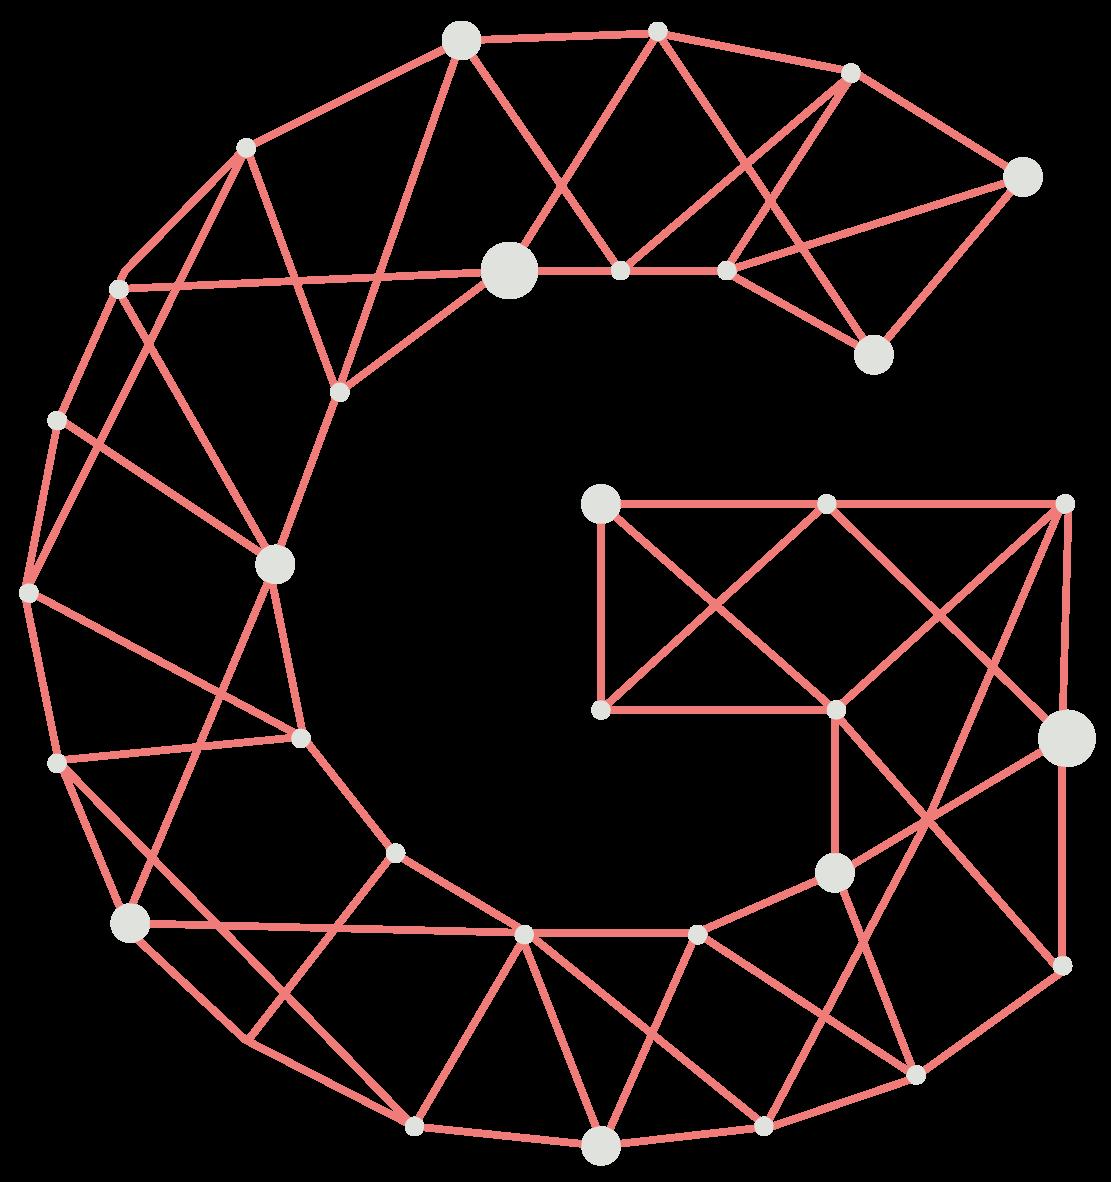 gaia-g-constelacion